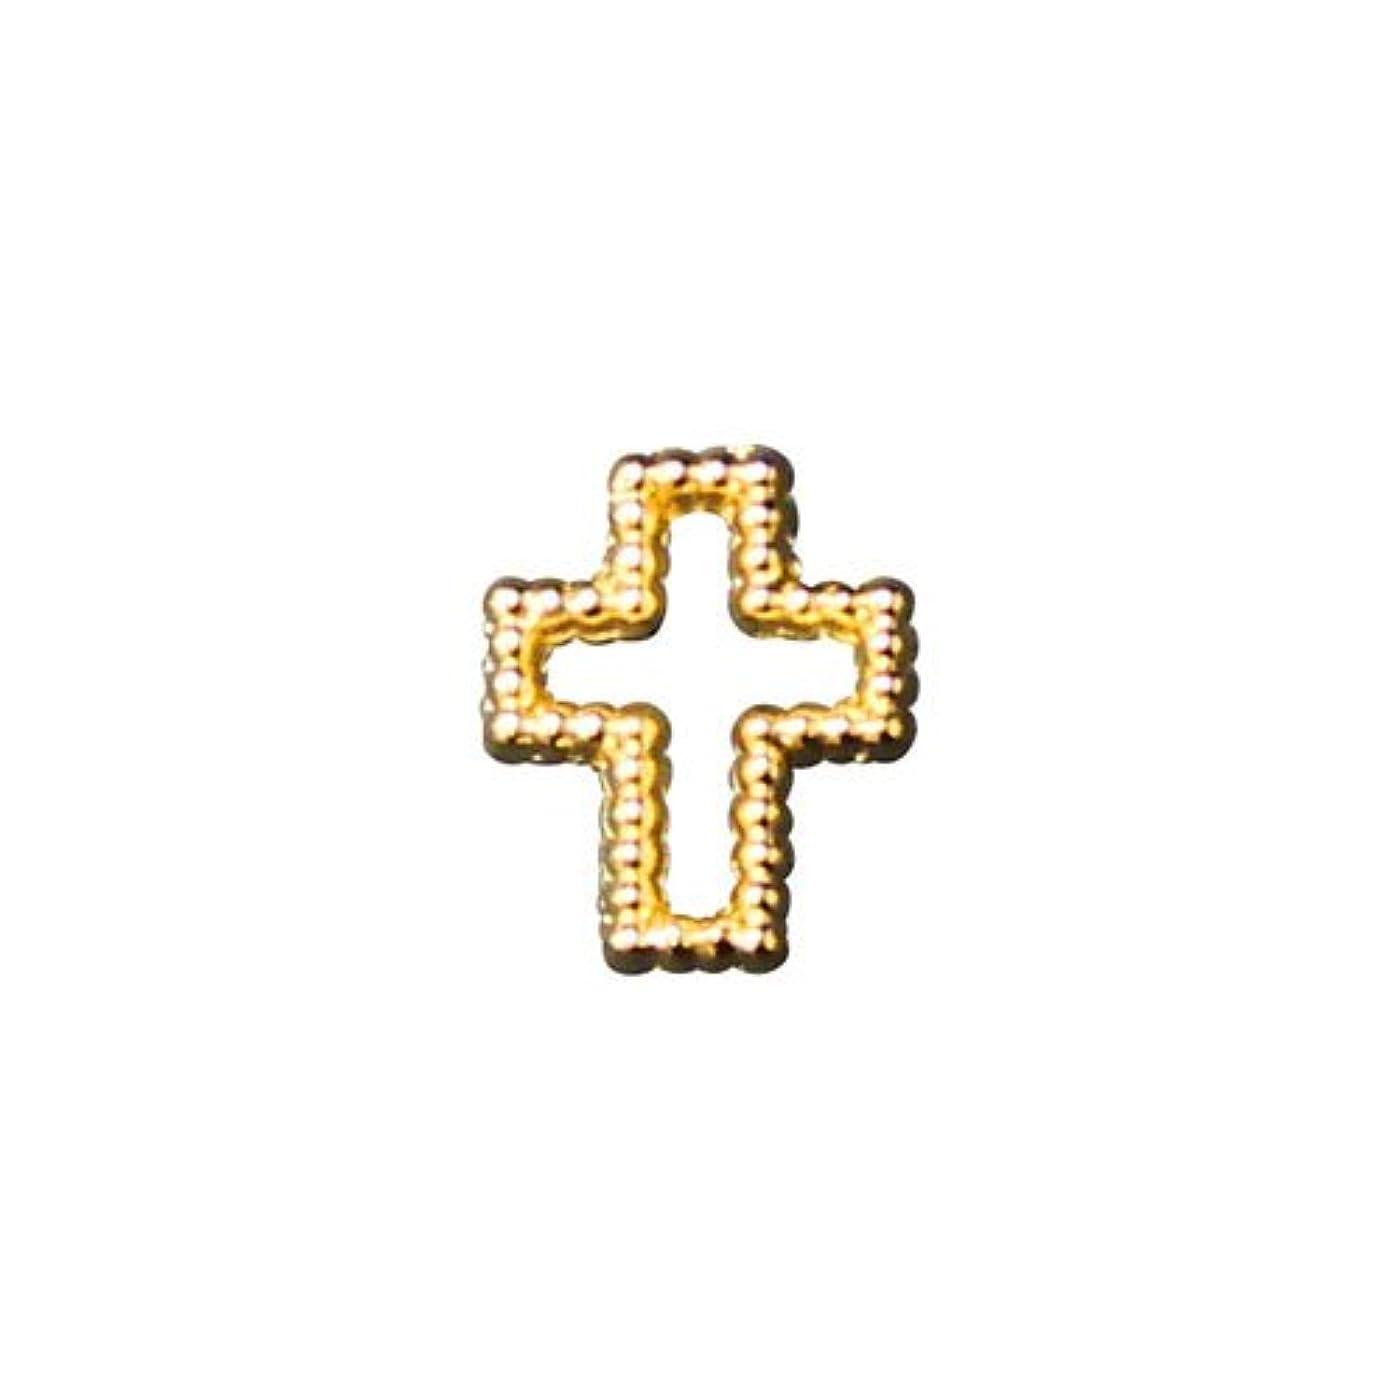 修復バルセロナ悪魔プリティーネイル ネイルアートパーツ ブリオンクロス2 M ゴールド 12個